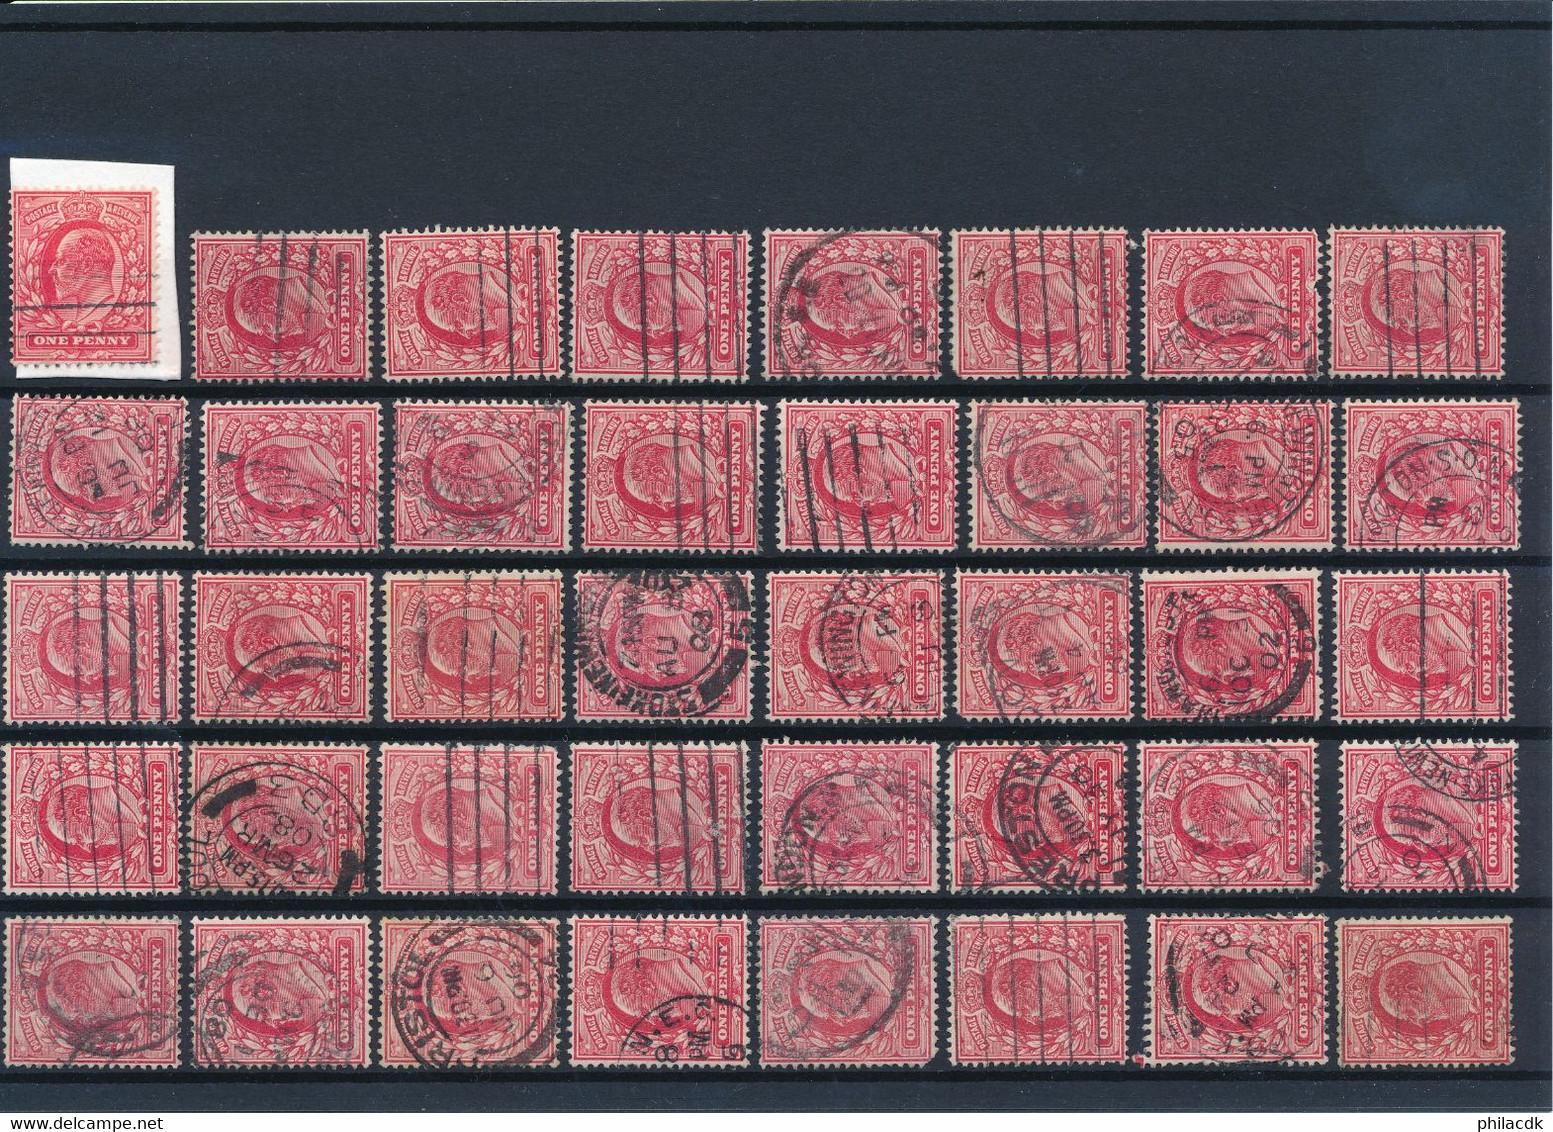 GRANDE BRETAGNE - COLLECTION DE 1818 TIMBRES CLASSIQUES OBLITERES POUR ETUDE DES OBLITERATIONS PAIRES PERFORES TEINTES - Collections